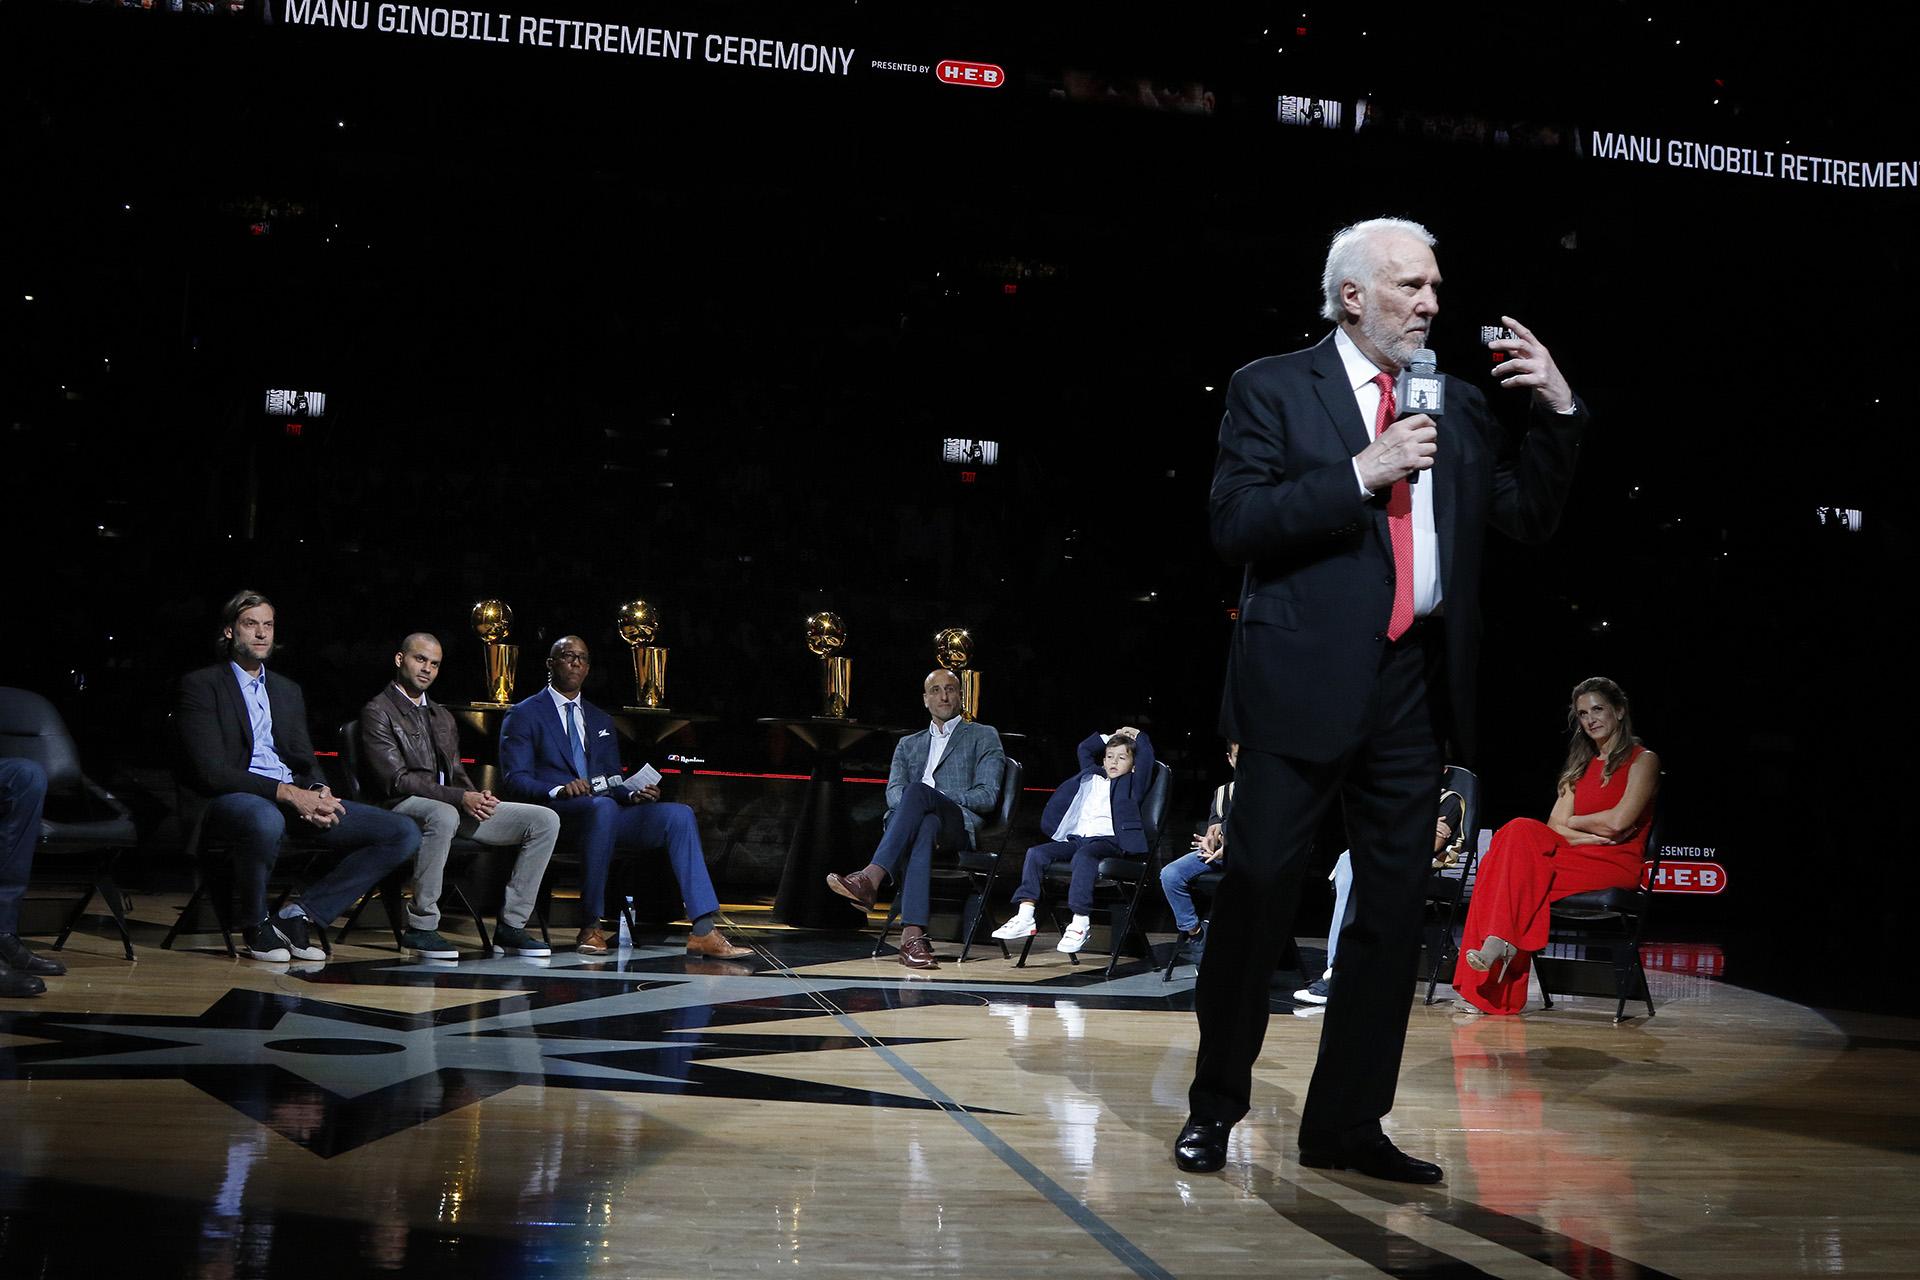 El entrenador Gregg Popovich de los San Antonio Spurs habla sobre Manu Ginobili en el AT&T Center en el día del homenaje al bahiense